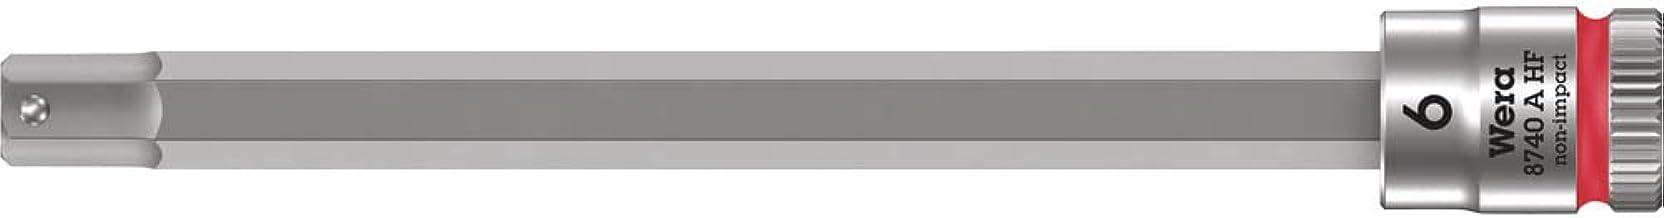 """Wera 05003338001 8740 A HF Zyklop z napędem 1/4"""" z funkcją trzymania, 6,0 x 100 mm, kolor czerwony"""